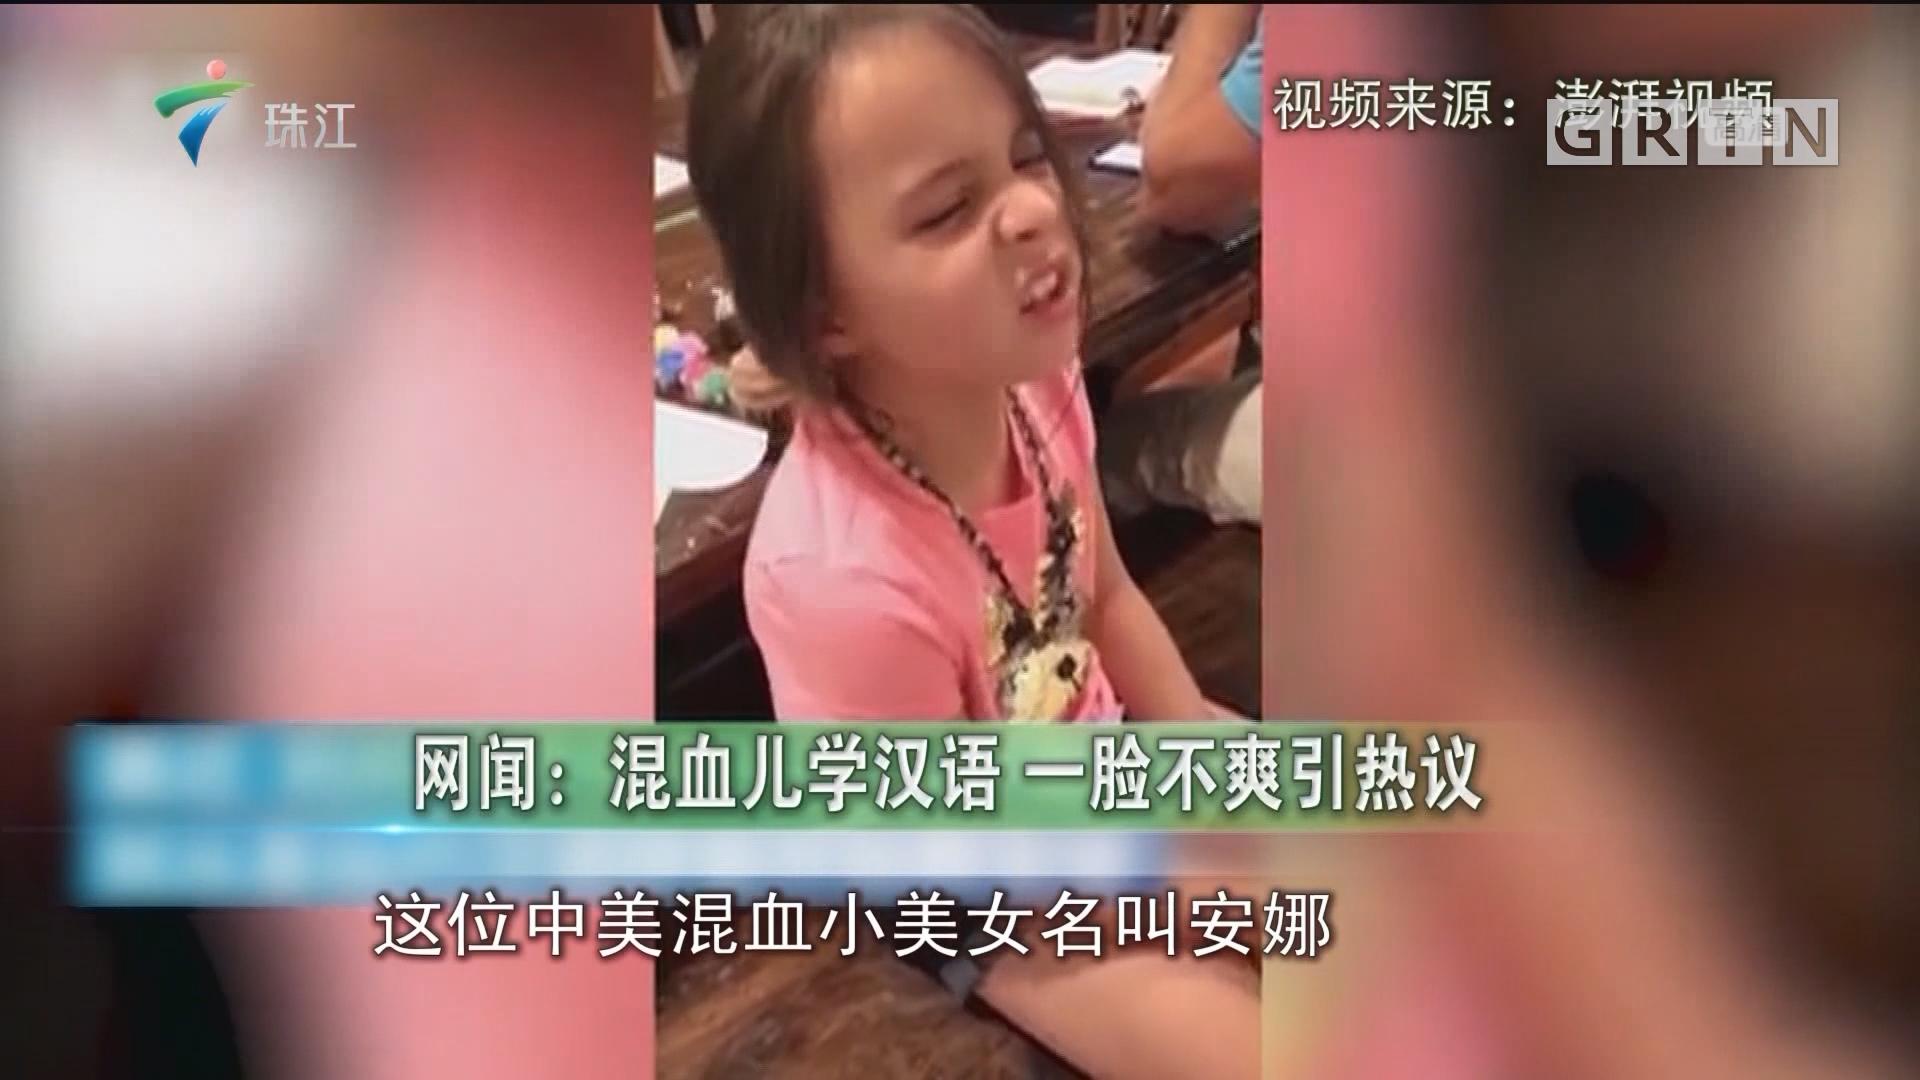 网闻:混血儿学汉语 一脸不爽引热议